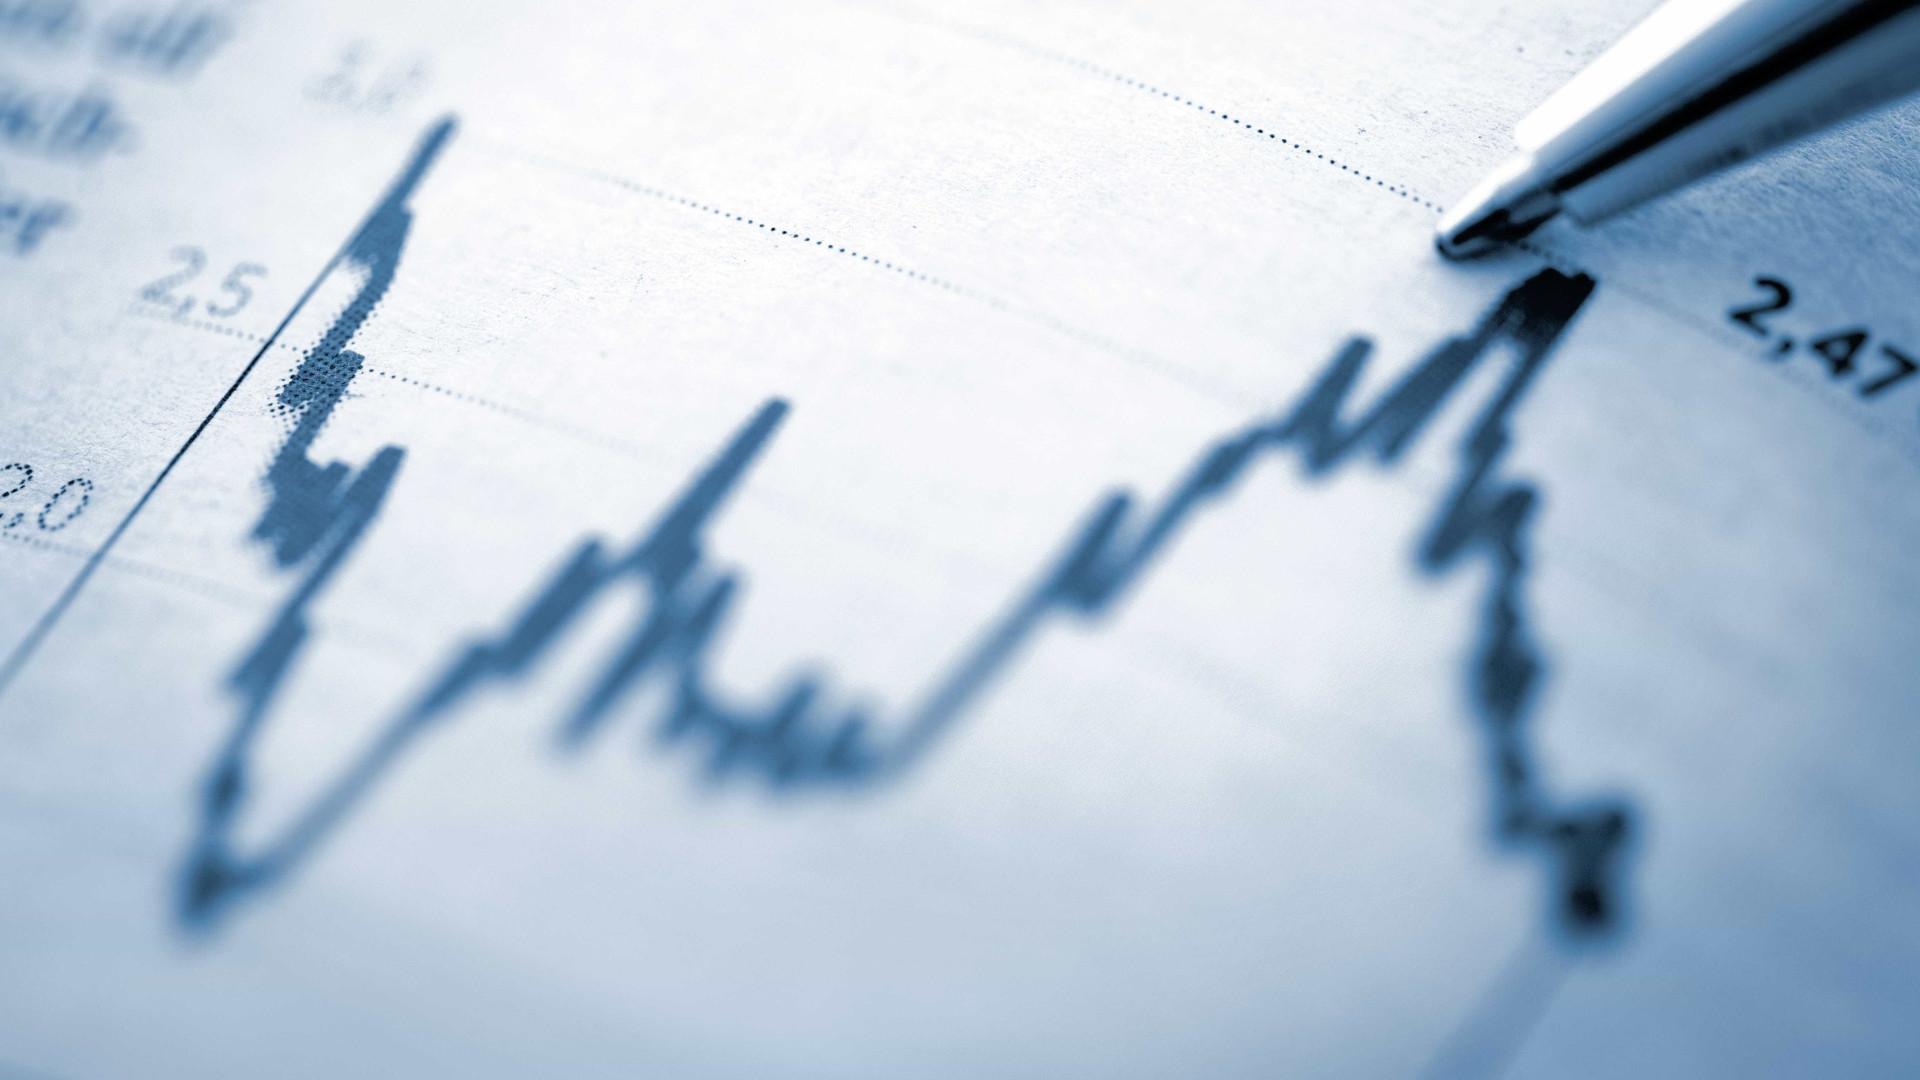 Discussão sobre impacto do auxílio emergencial nas contas públicas elevou juros, diz Tesouro